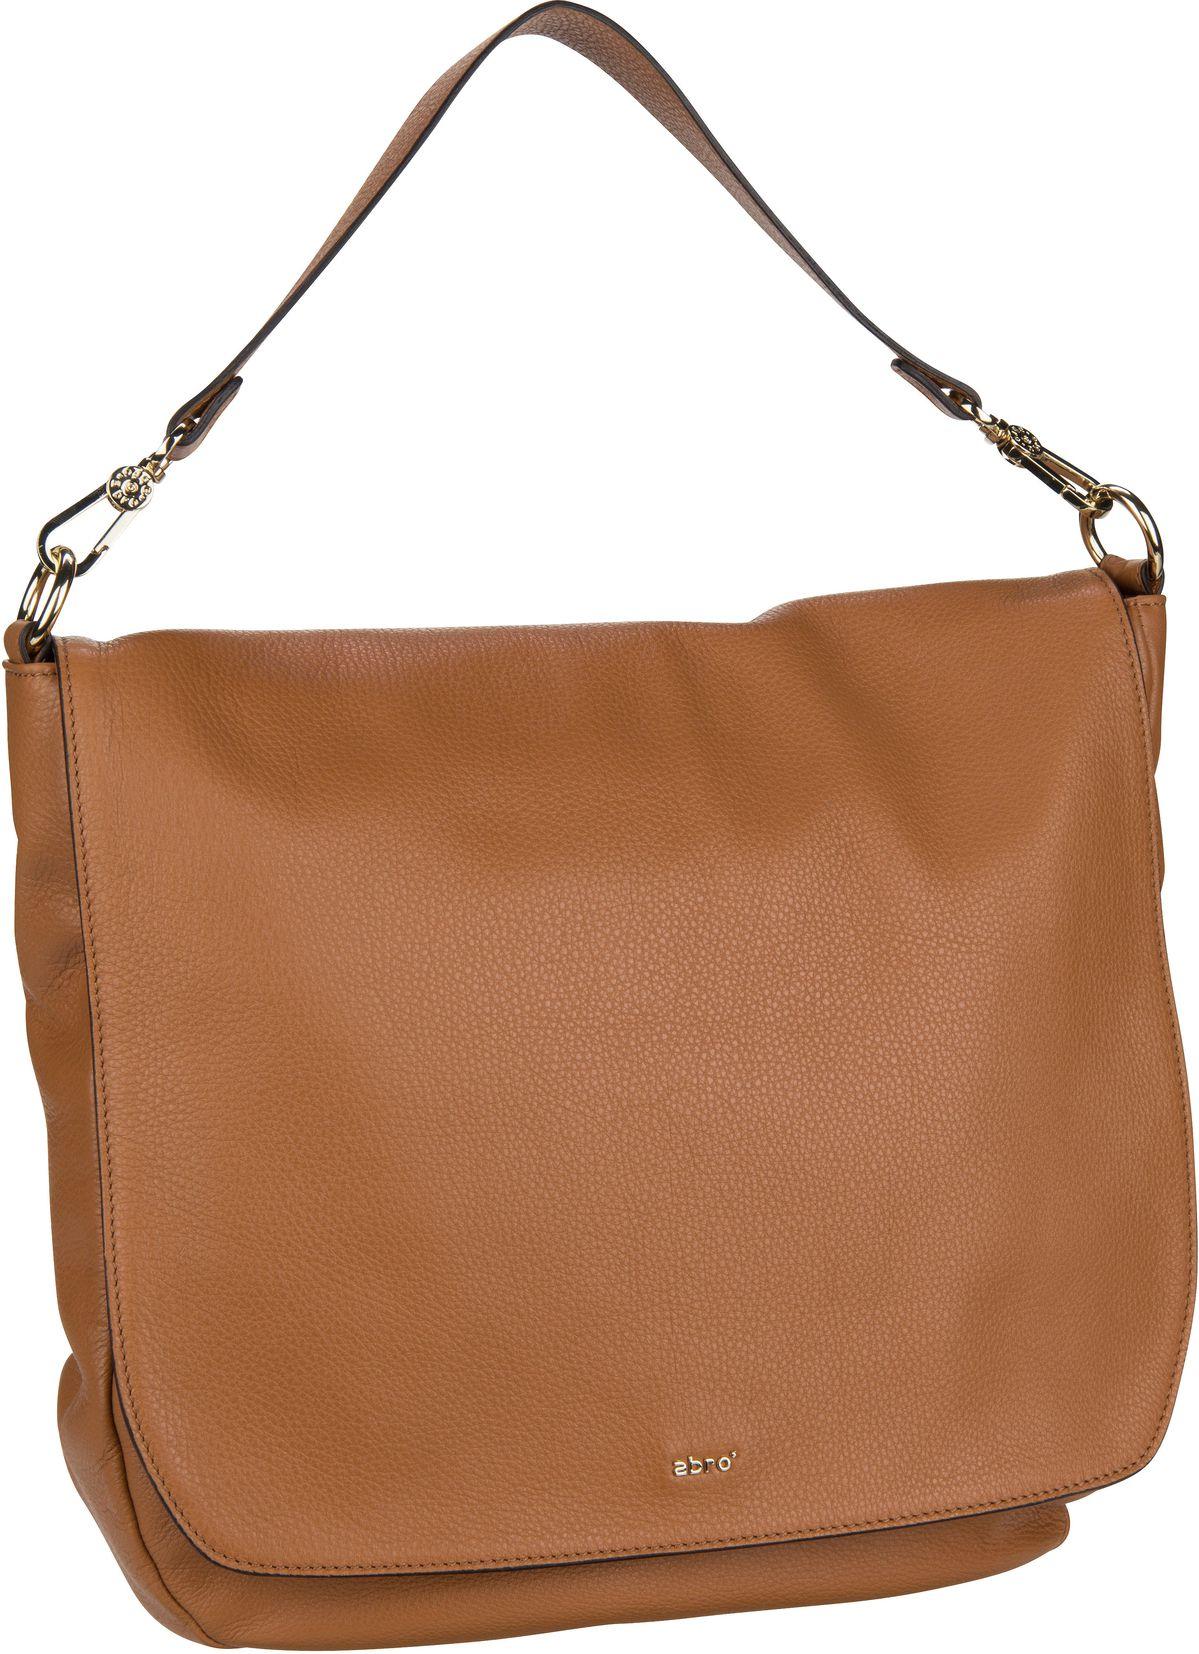 Handtasche Erna 28964 Cuoio